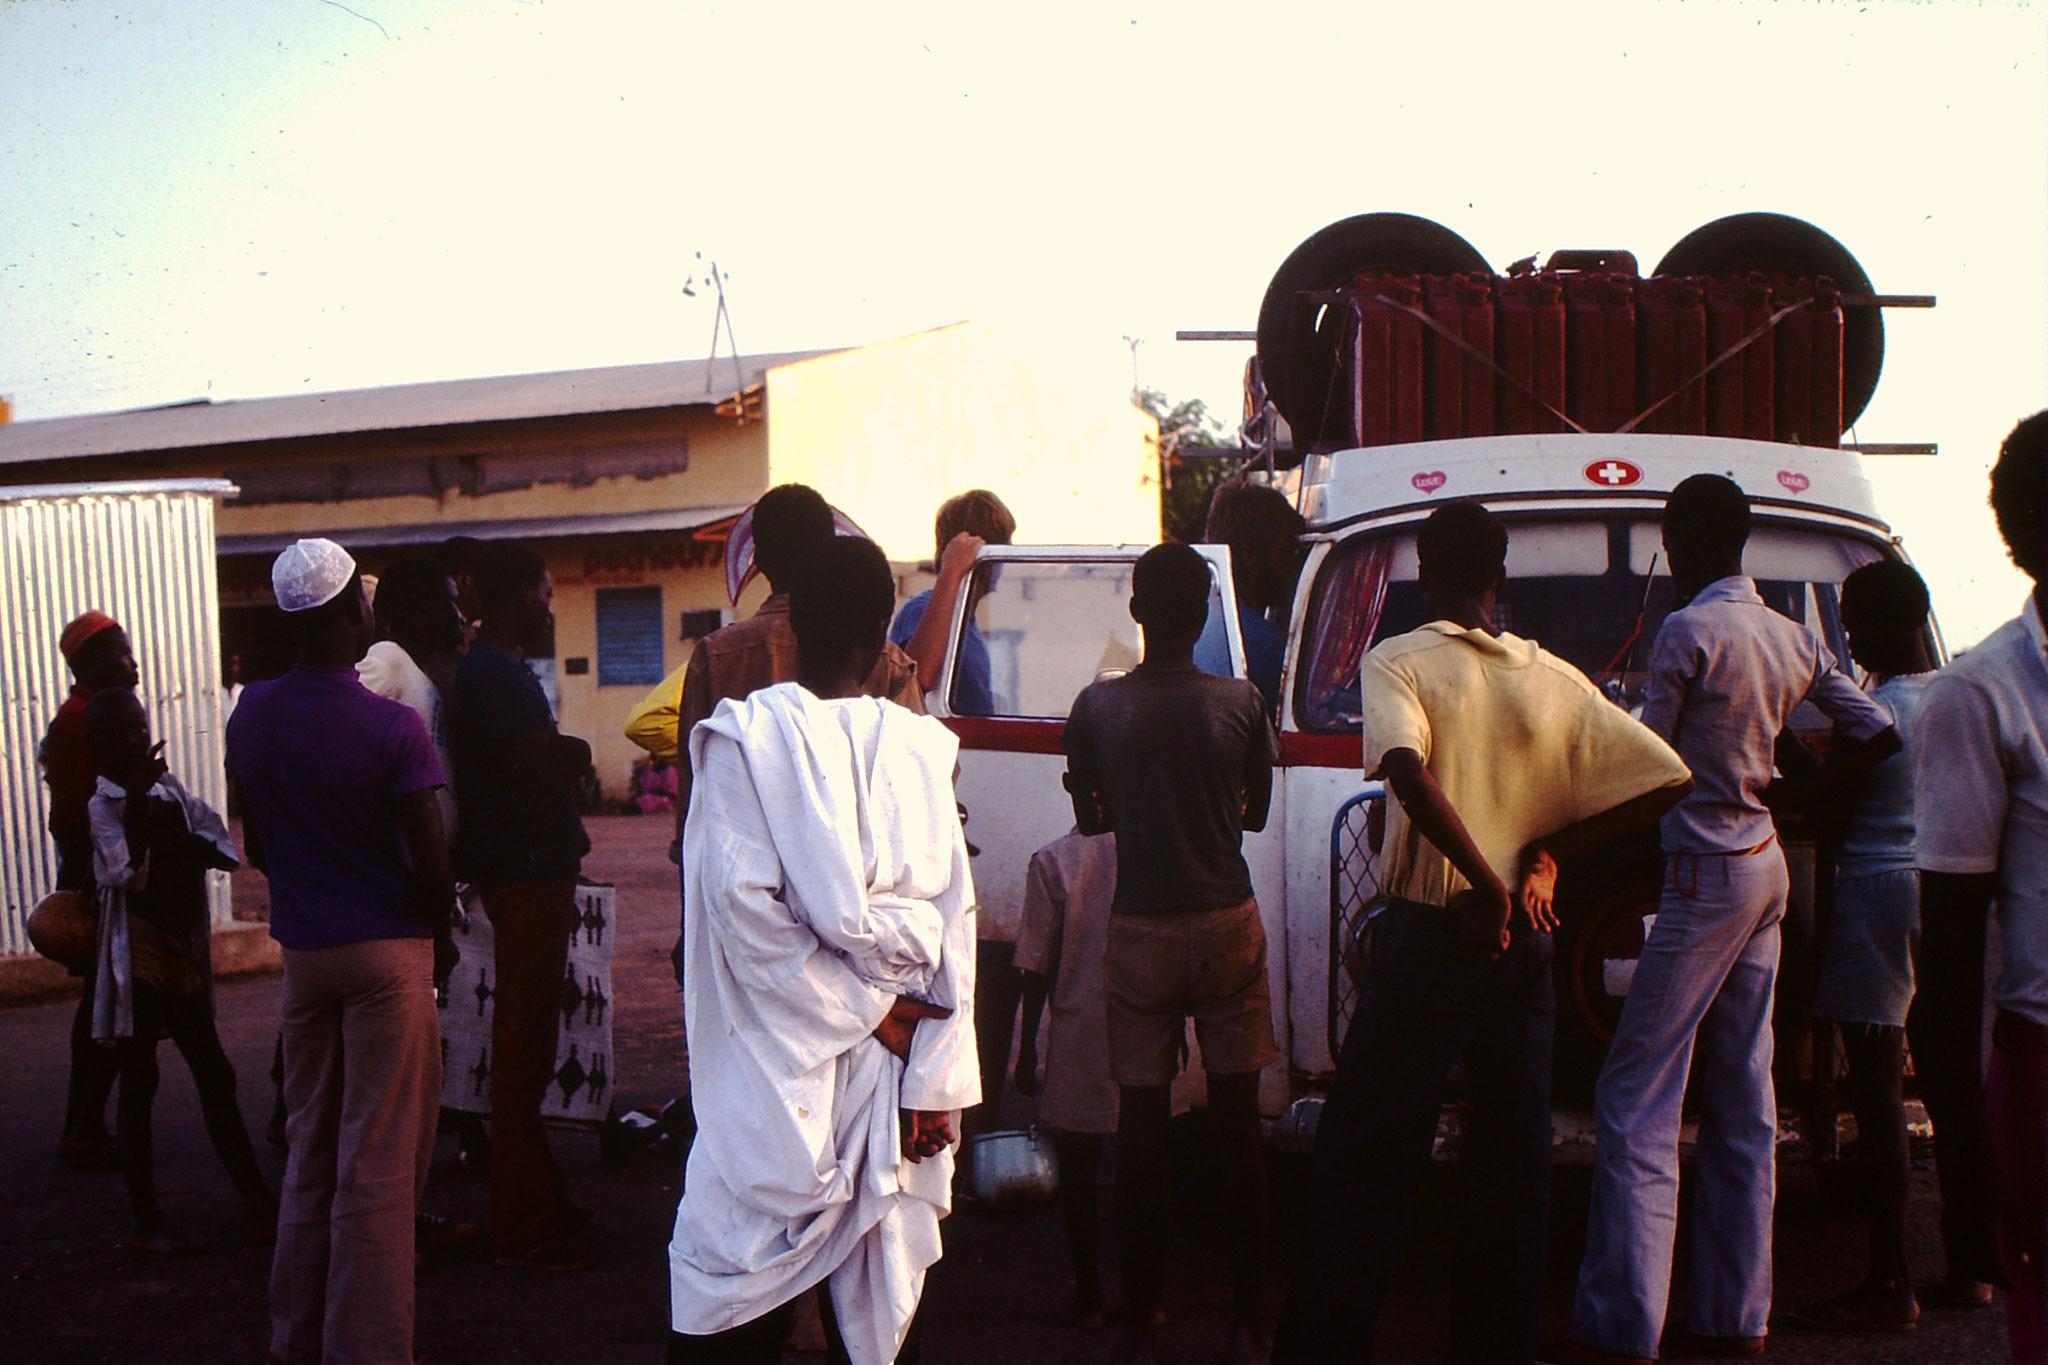 10. Überall wo wir anhielten, kamen immer wieder Schaulustige. Ich ging nach Afrika um etwas zu sehen, die Afrikaner haben nicht die selben Möglichkeiten. Deshalb schauten sie sich die Fremden auf diese Weise an.